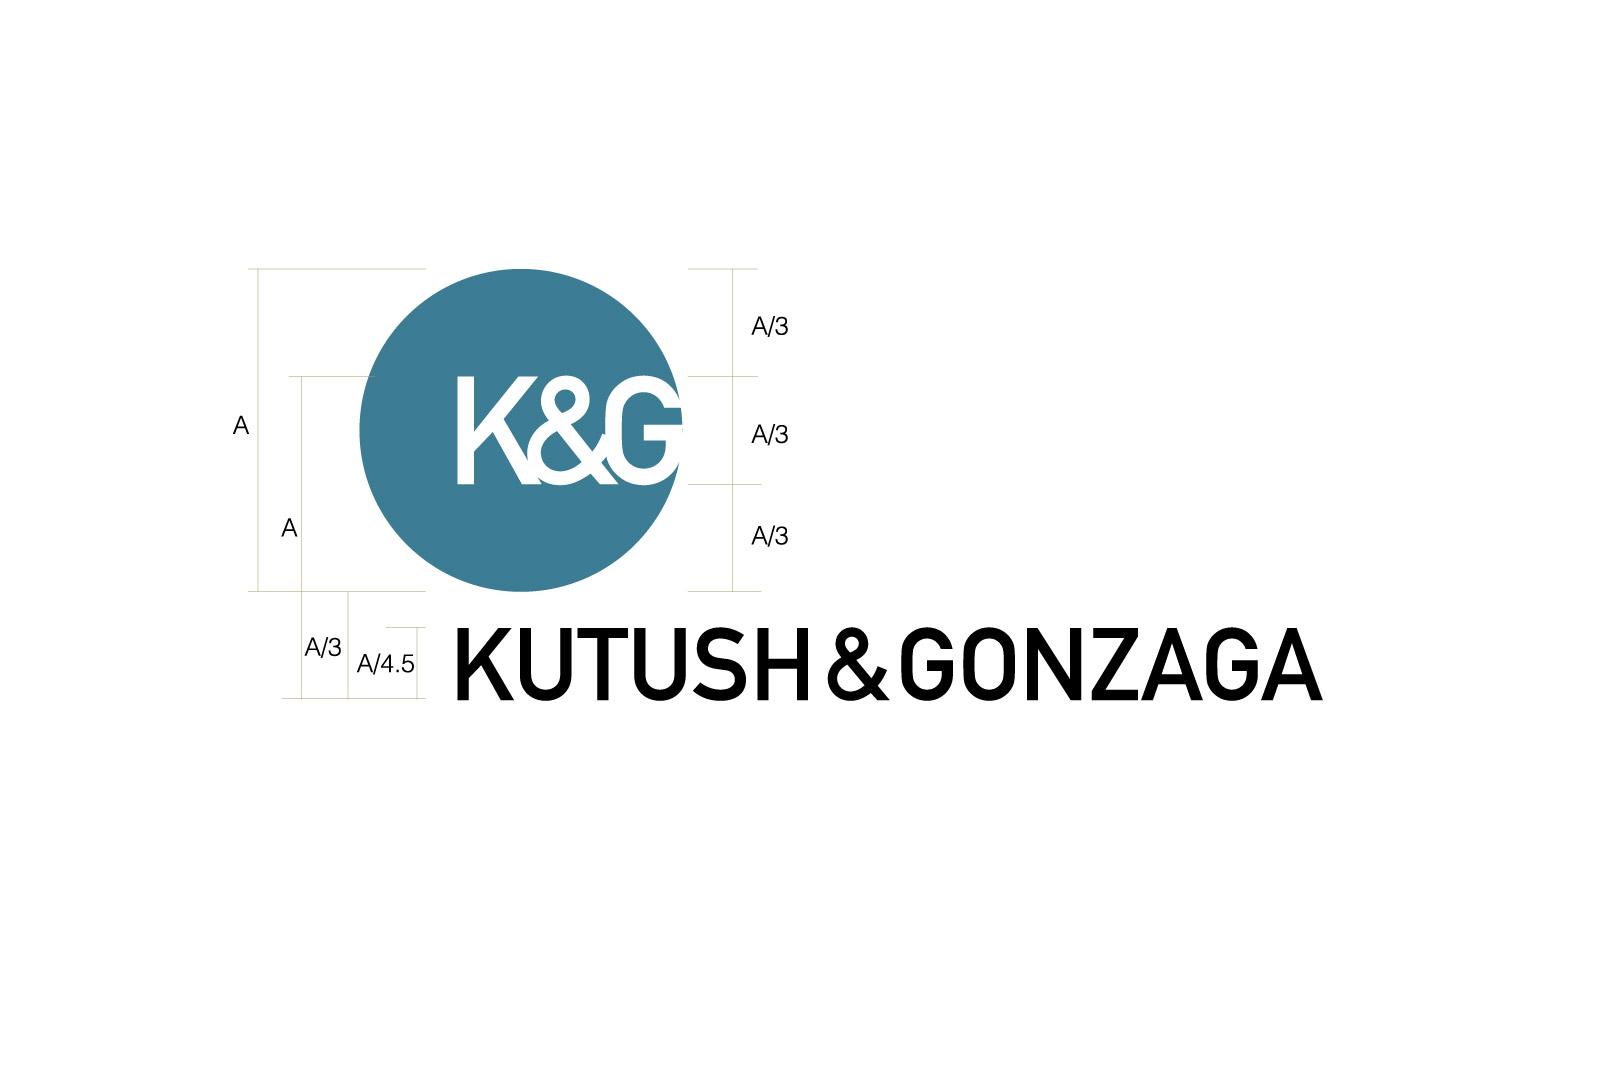 Асгард Брендинг, фирменный стиль, айдентика, лого, K&G, Kutush & Gonzaga, дизайн, графический дизайн, сетка логотипа, брендинг магазина, построение логотипа, ритейл, интернет-магазин, брендинг, корпоративный стиль